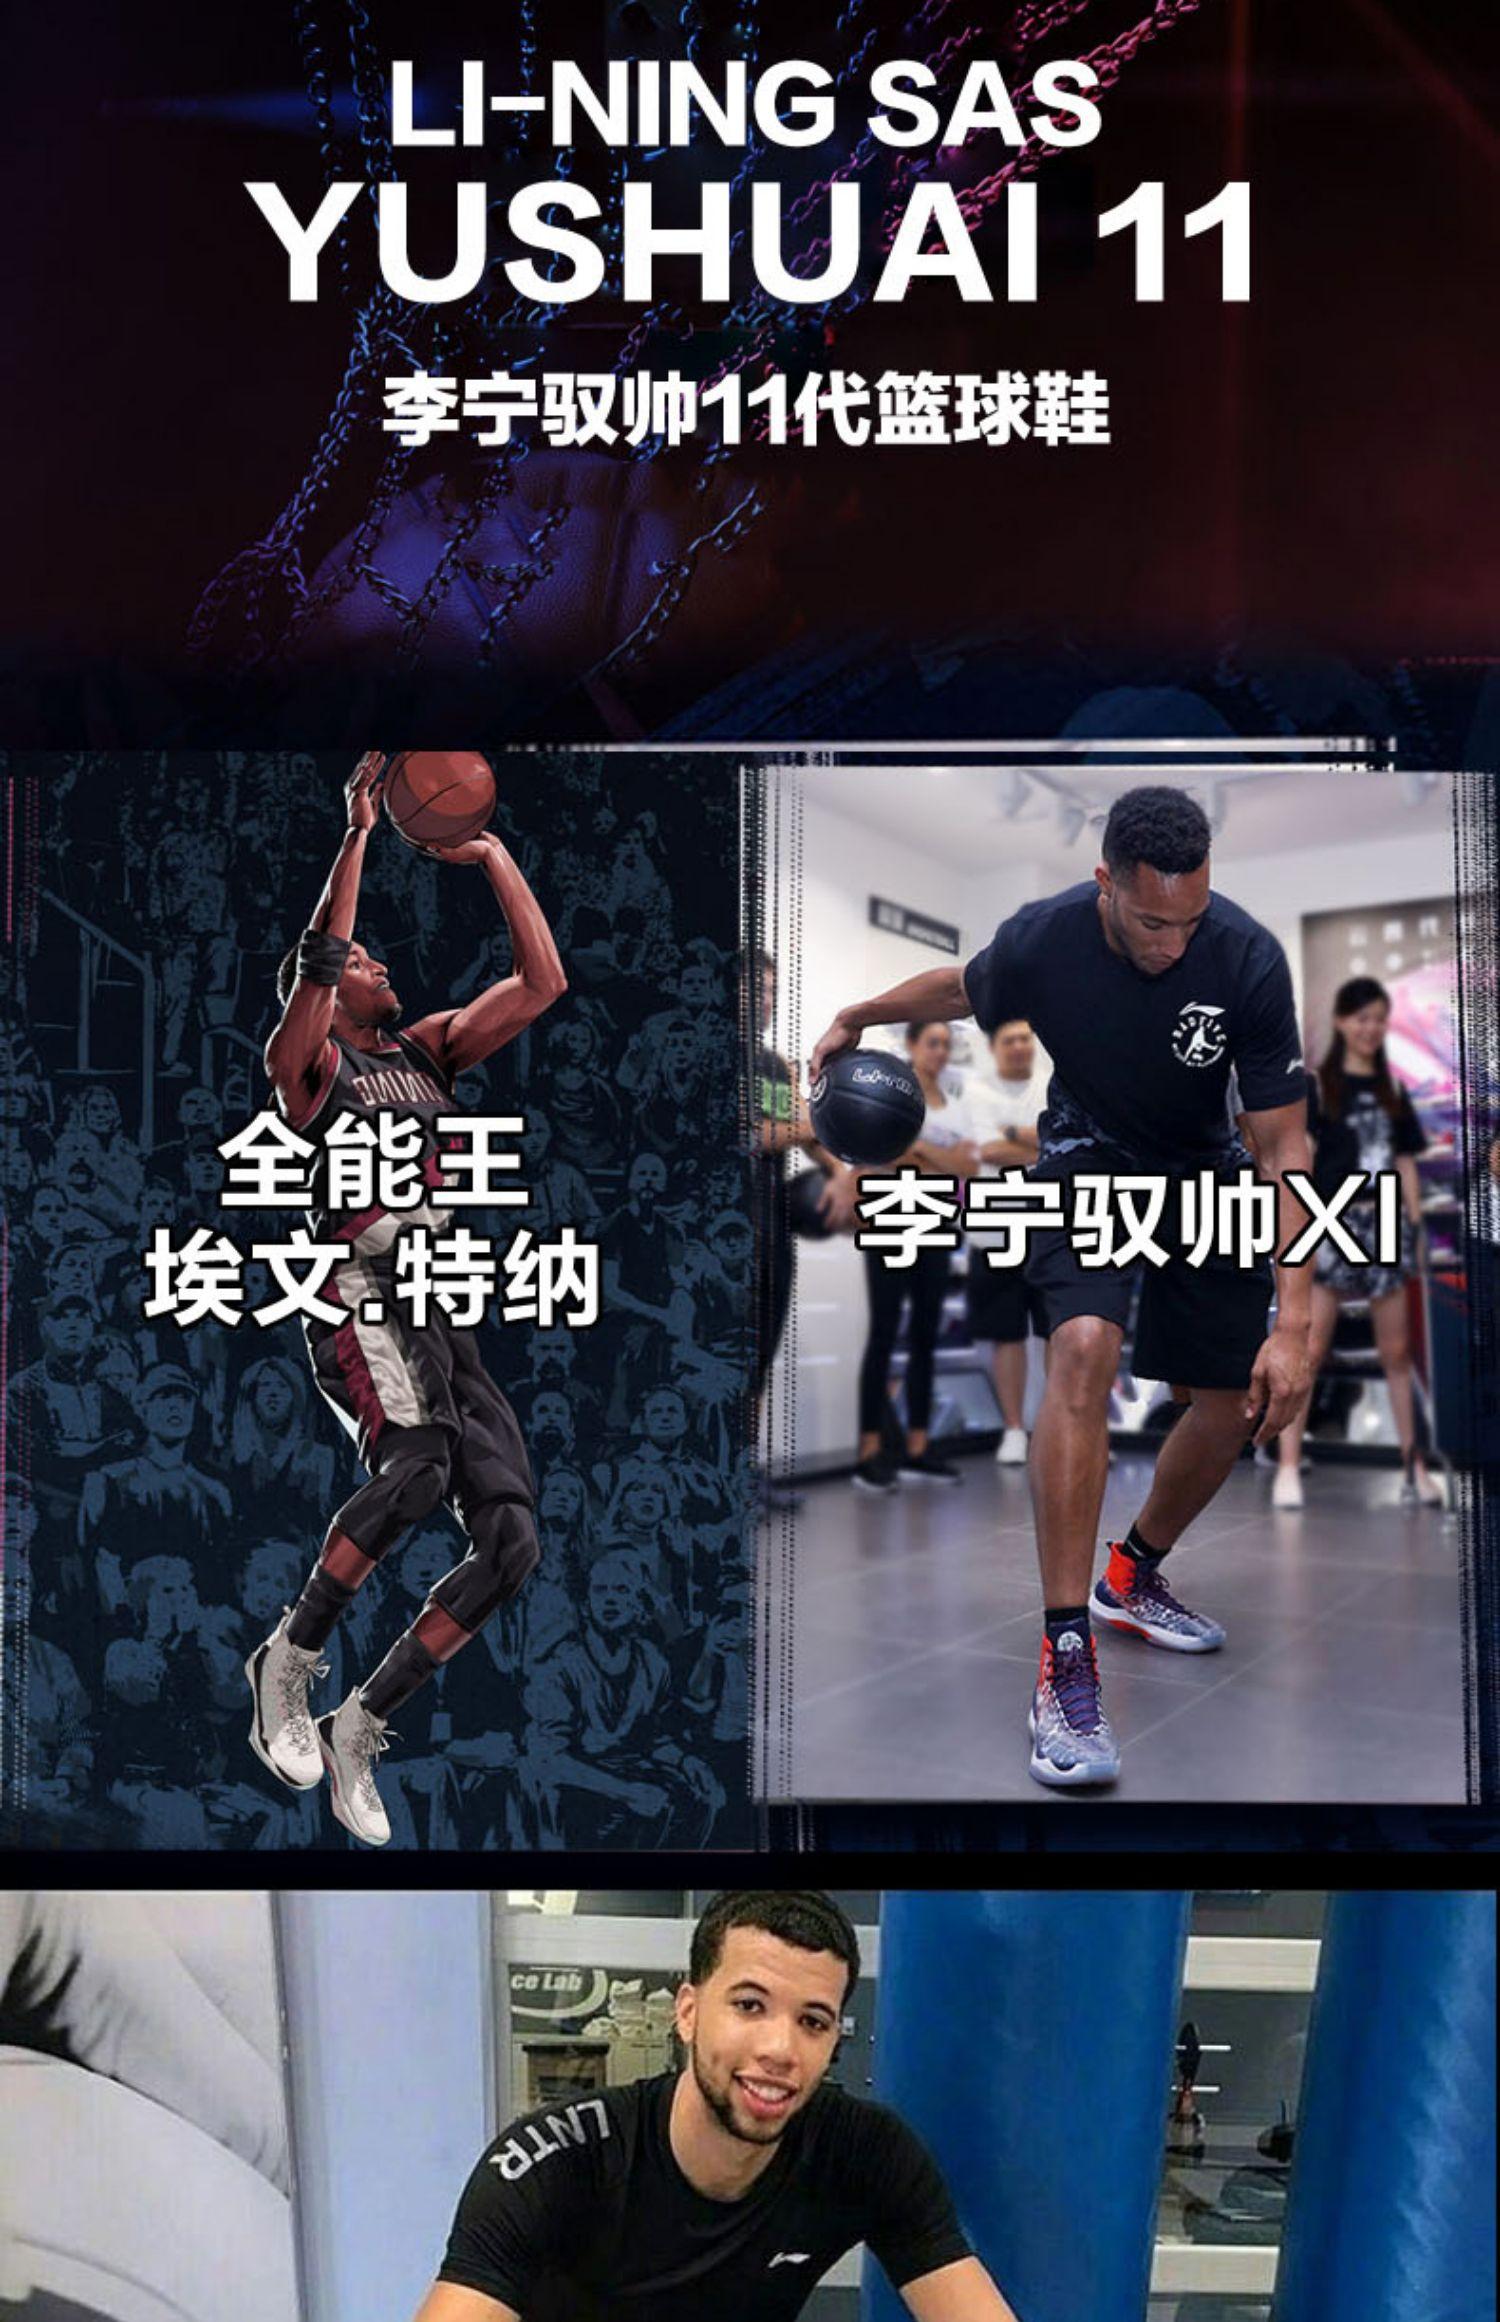 李宁驭帅11高帮鸳鸯篮球鞋13男鞋14韦德之道7闪击6音速运动鞋12男商品详情图